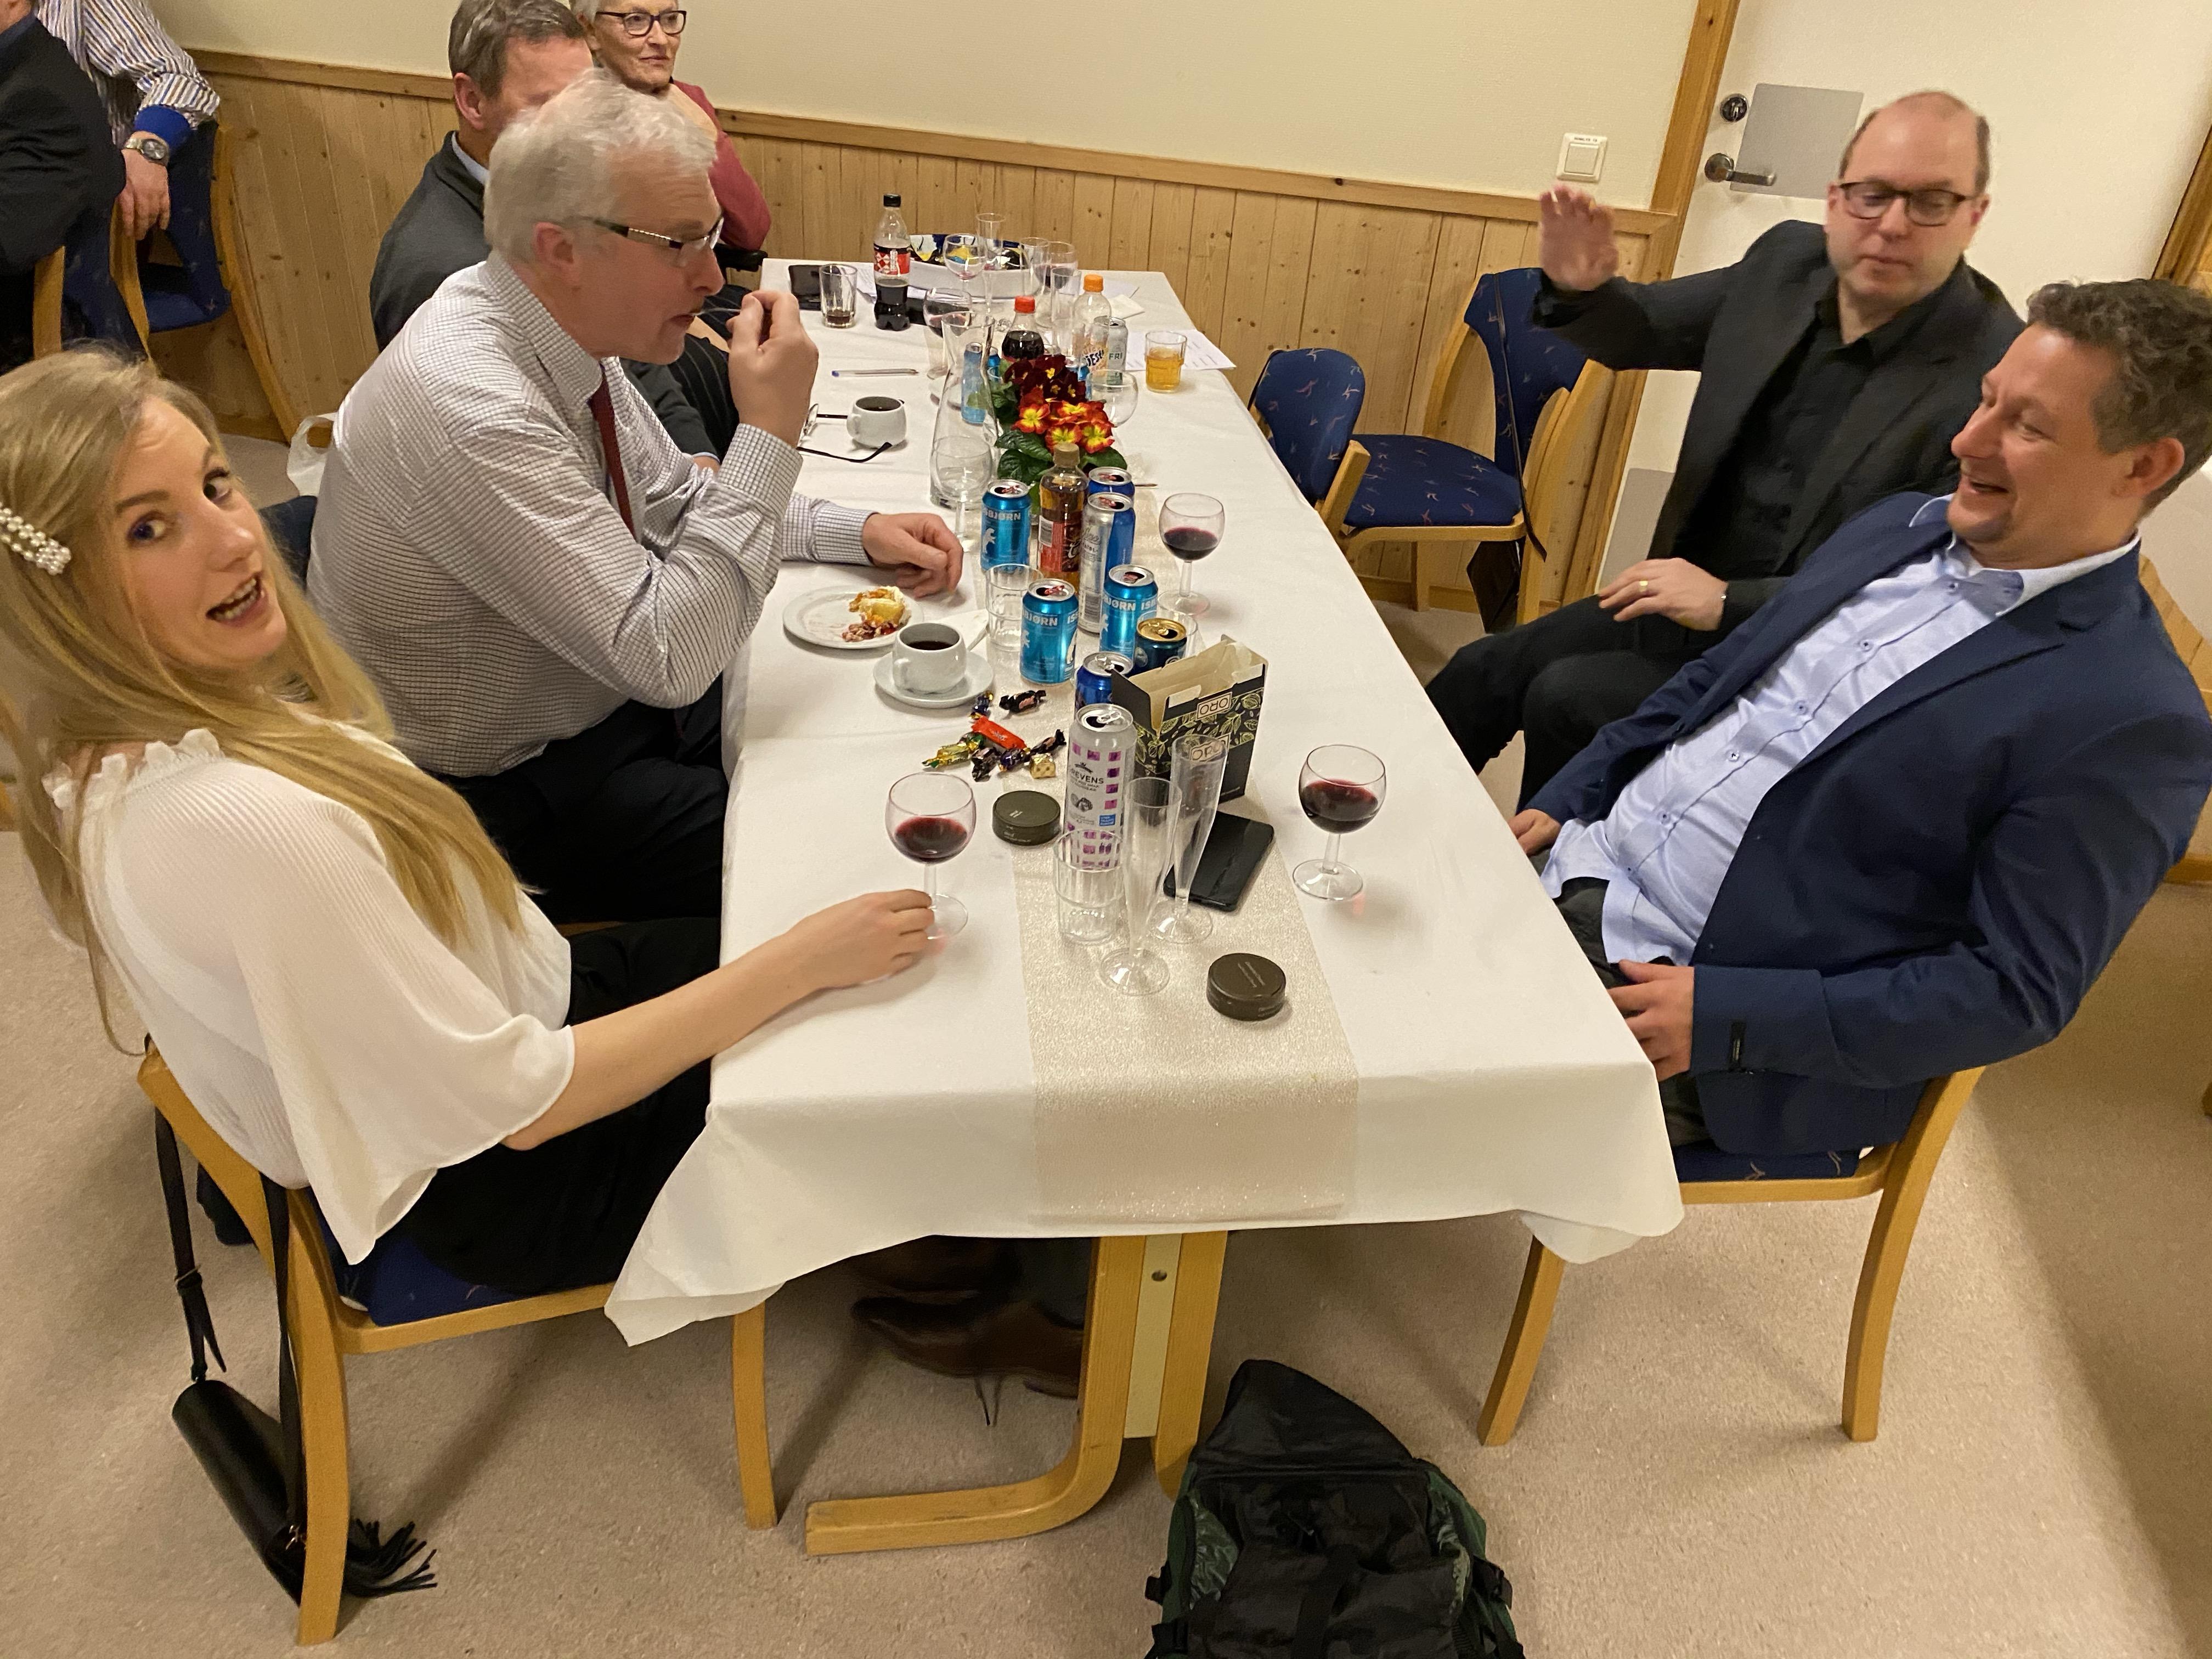 Taperlaget i quizen må snart begynne å forberede neste års fest (Leiv Ivar, Maren, Tony og Lars Alvar)